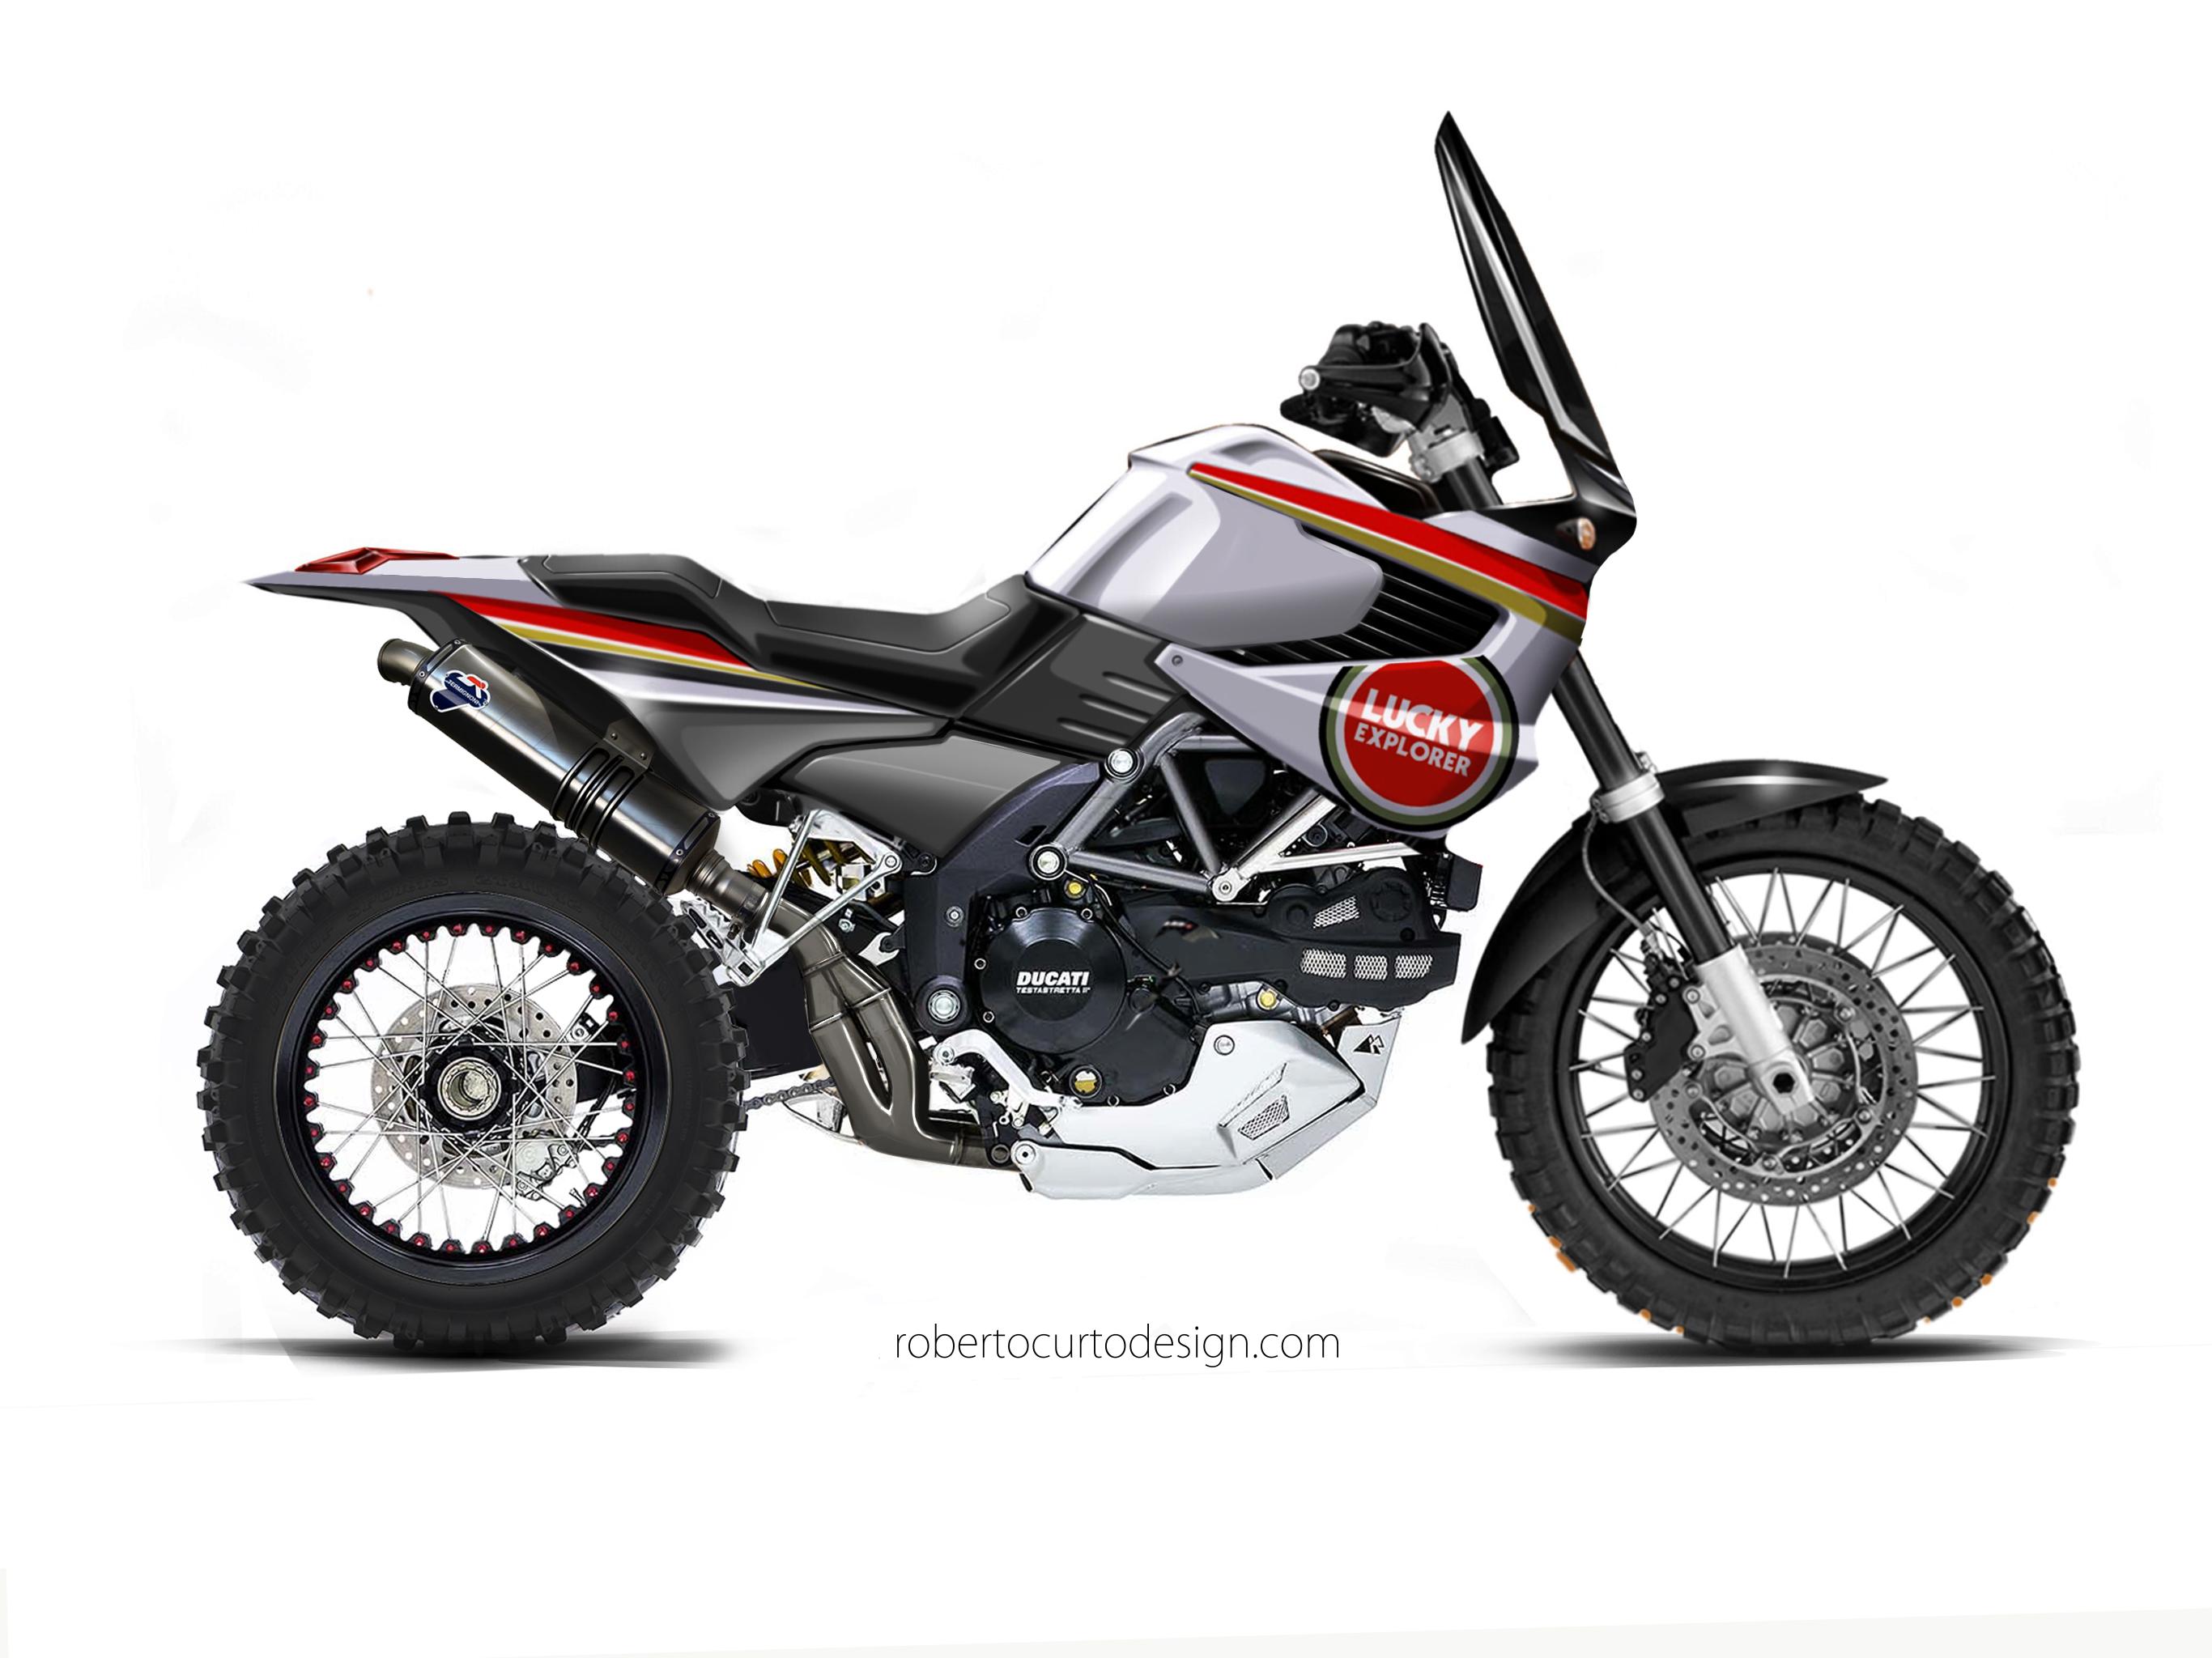 Ducati Elefant 1200 concept